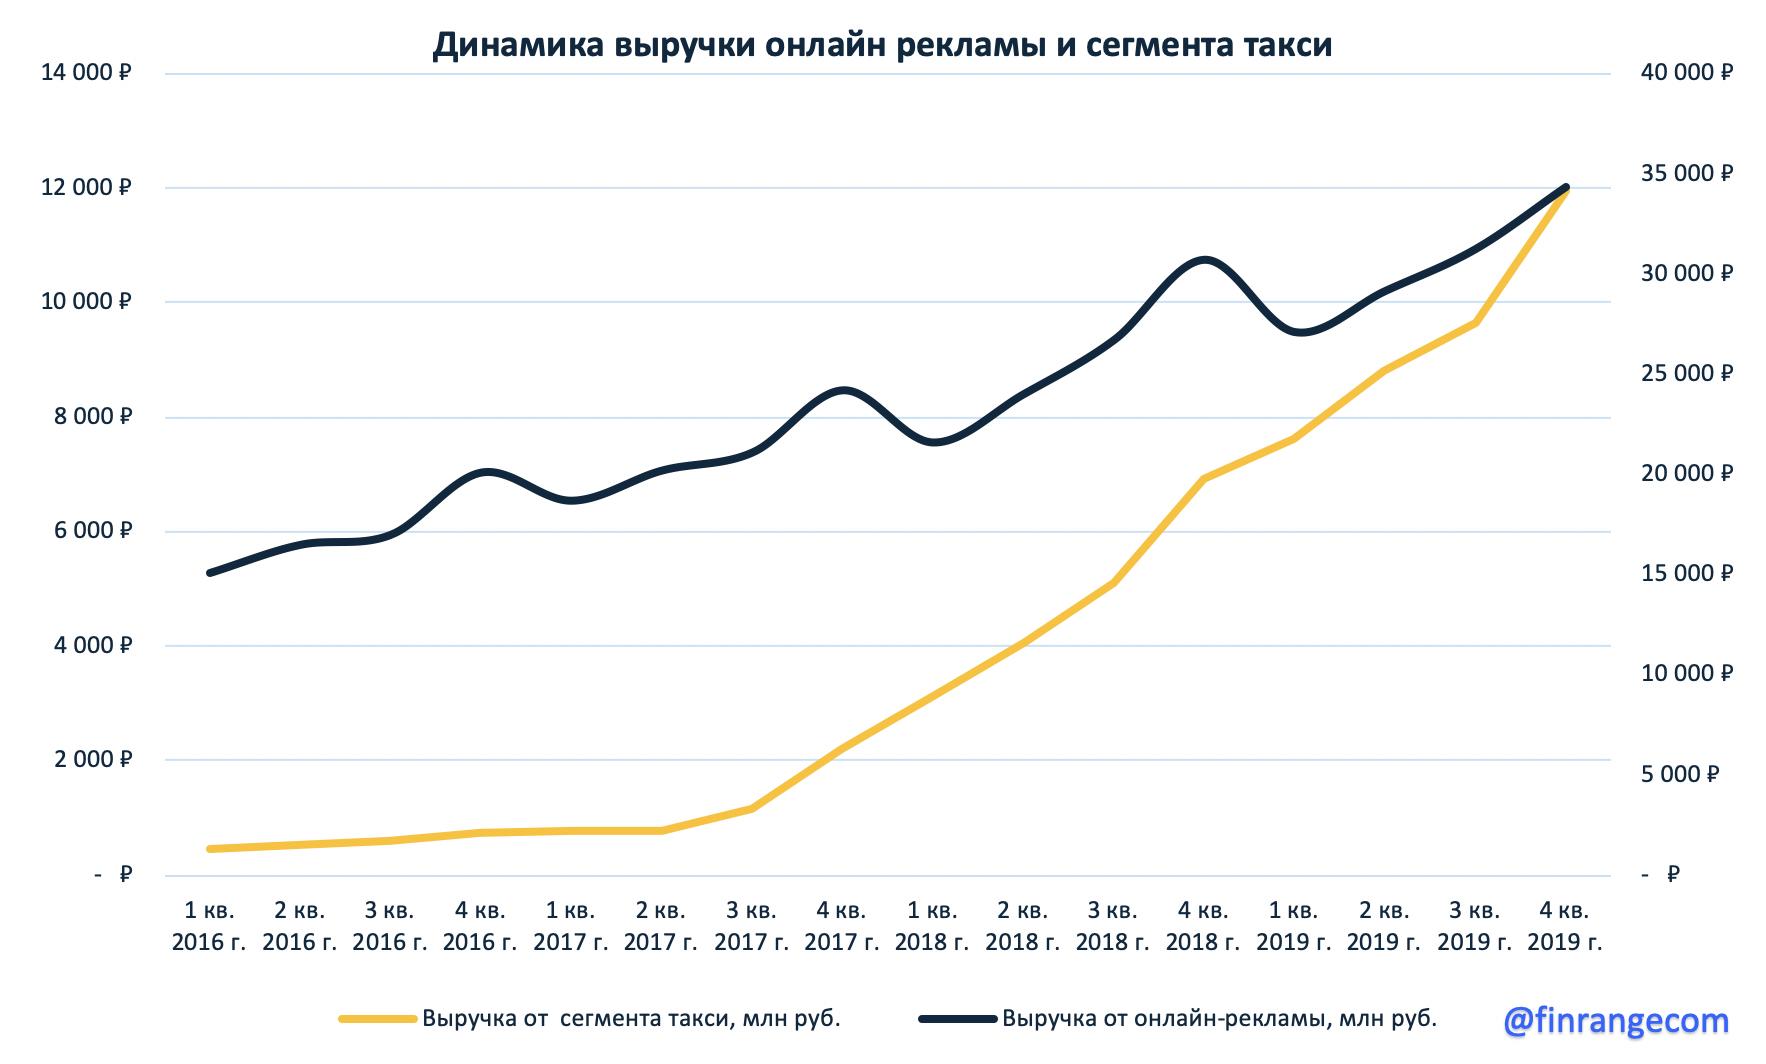 Яндекс - падение прибыли не повод для паники